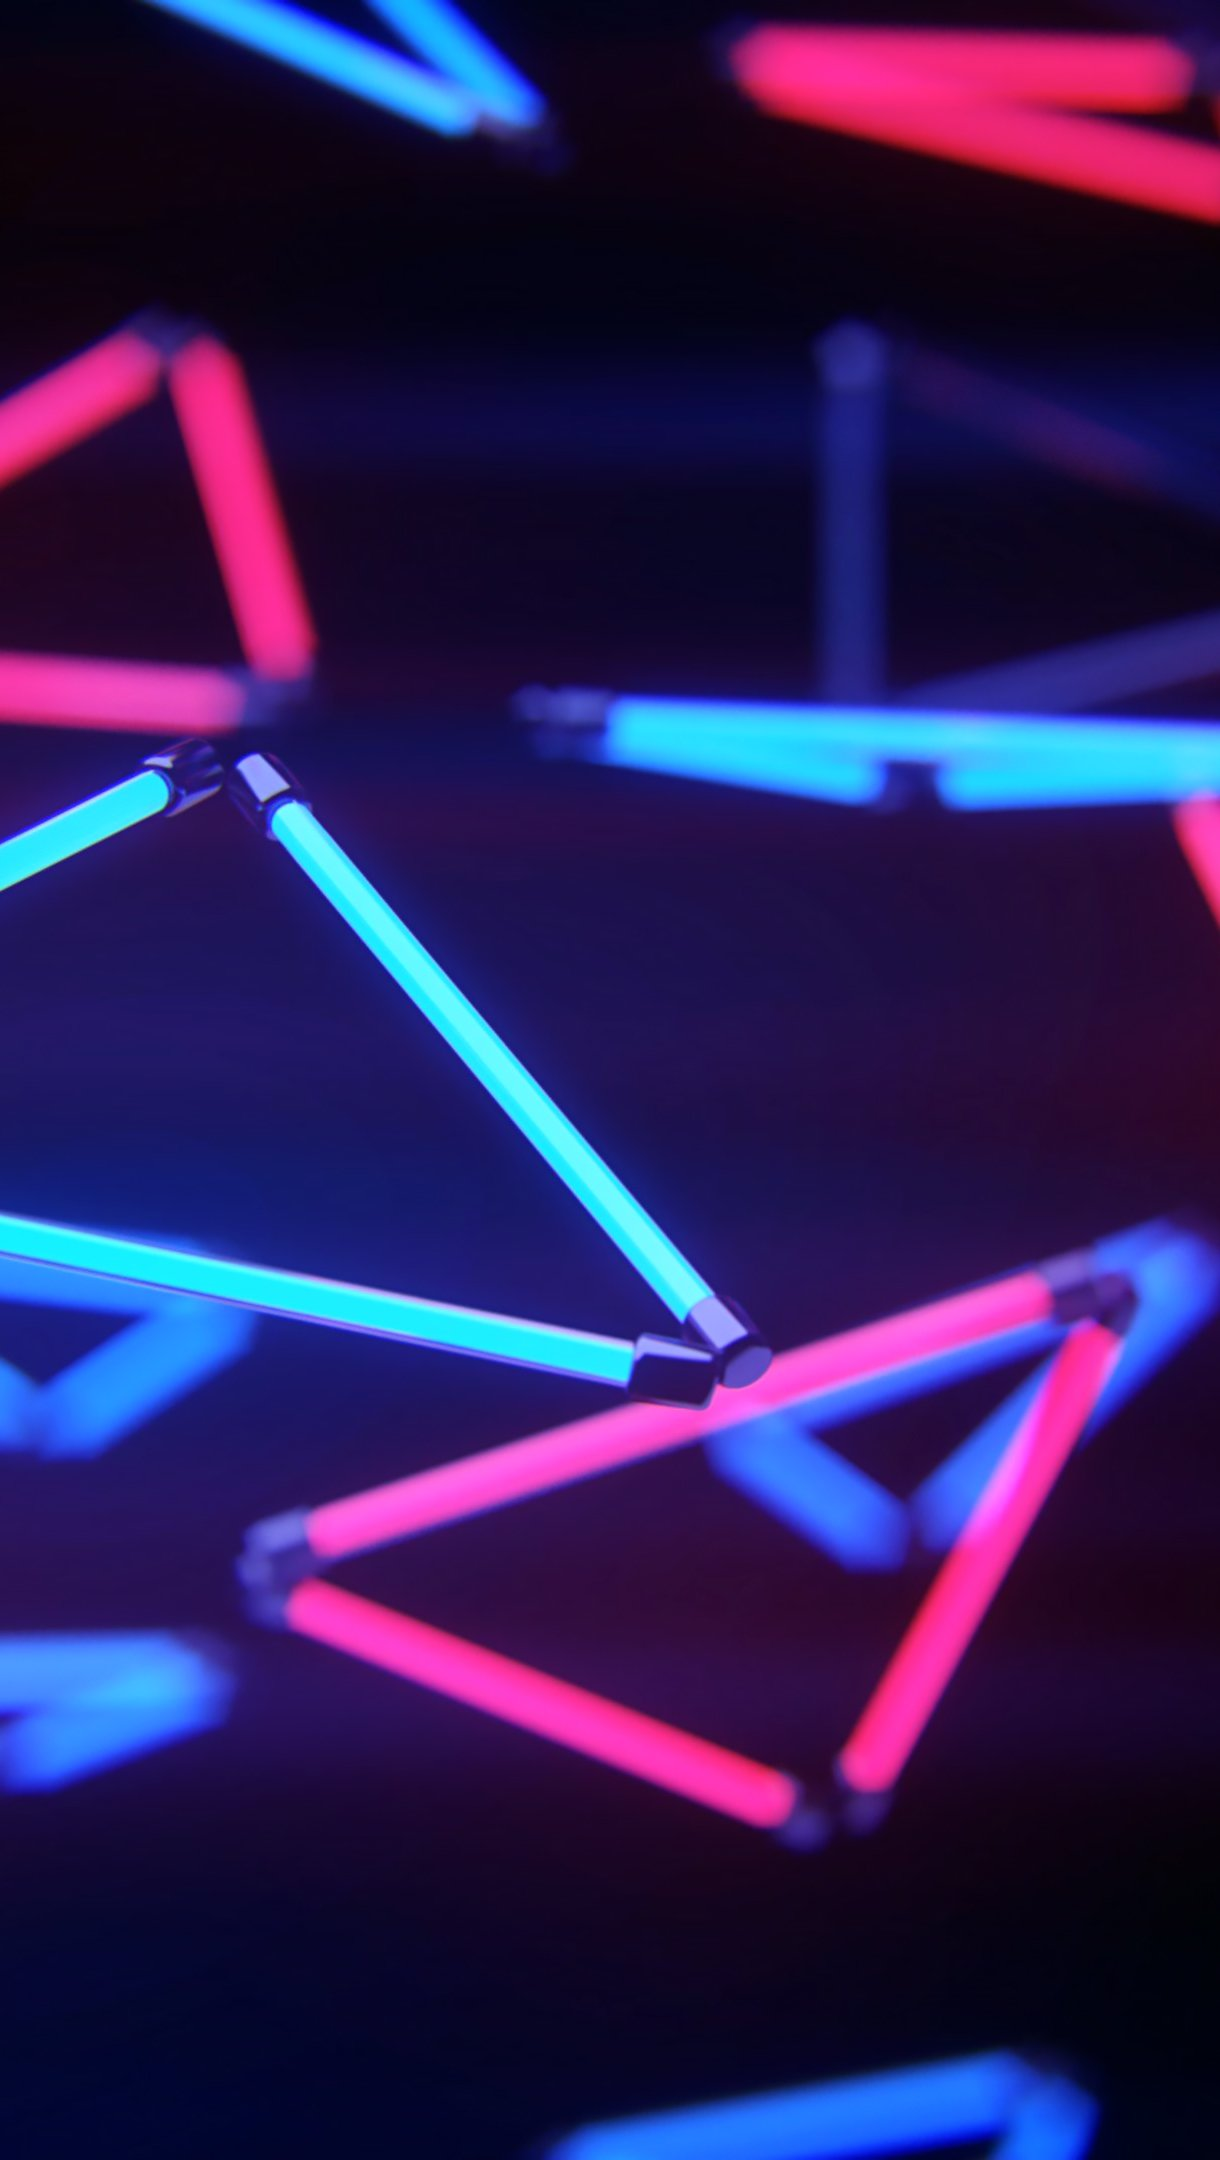 Wallpaper Neon triangular lights Vertical